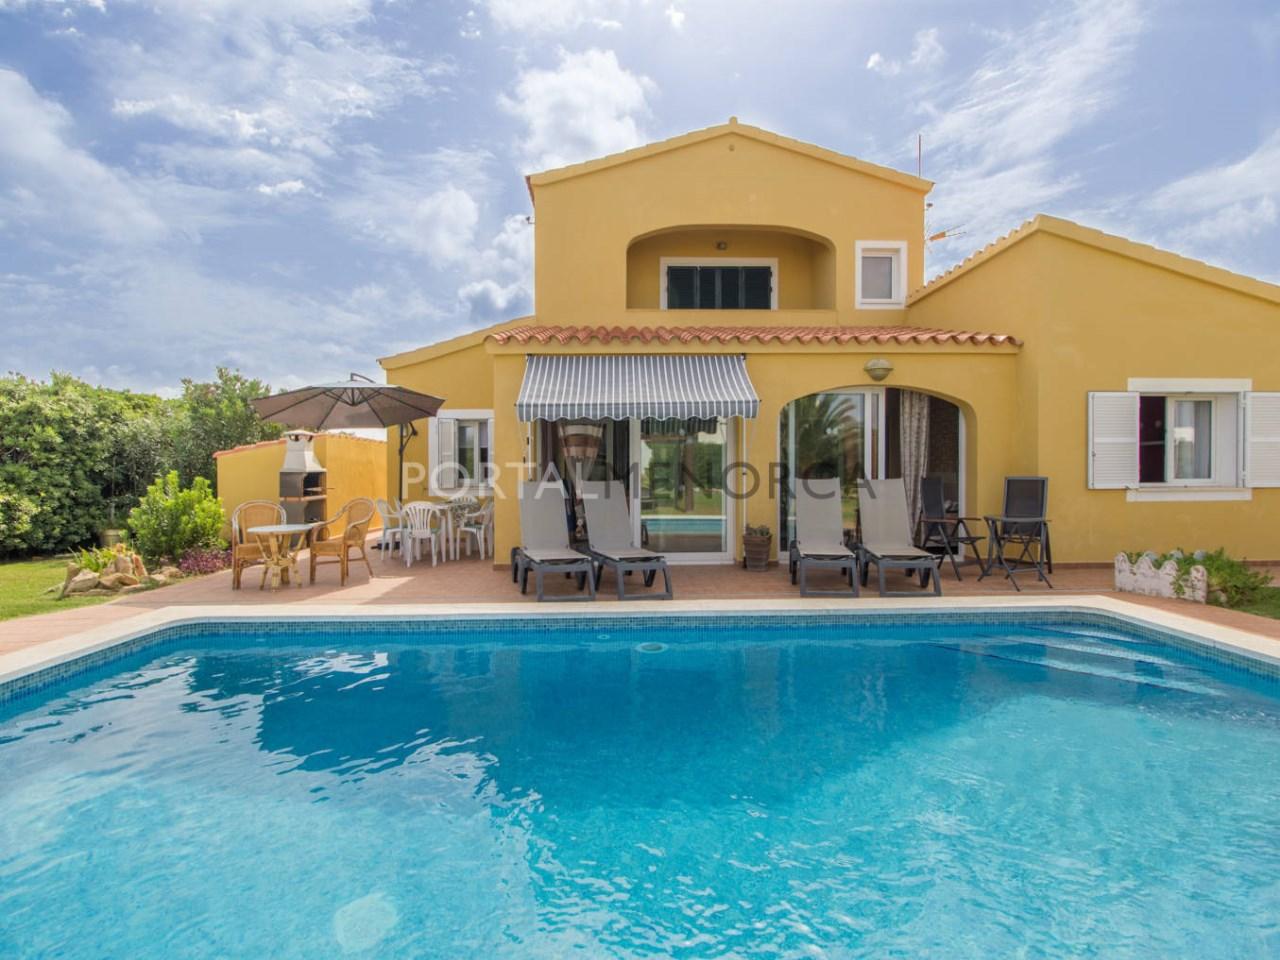 Chalet con licencia turística en venta en Menorca